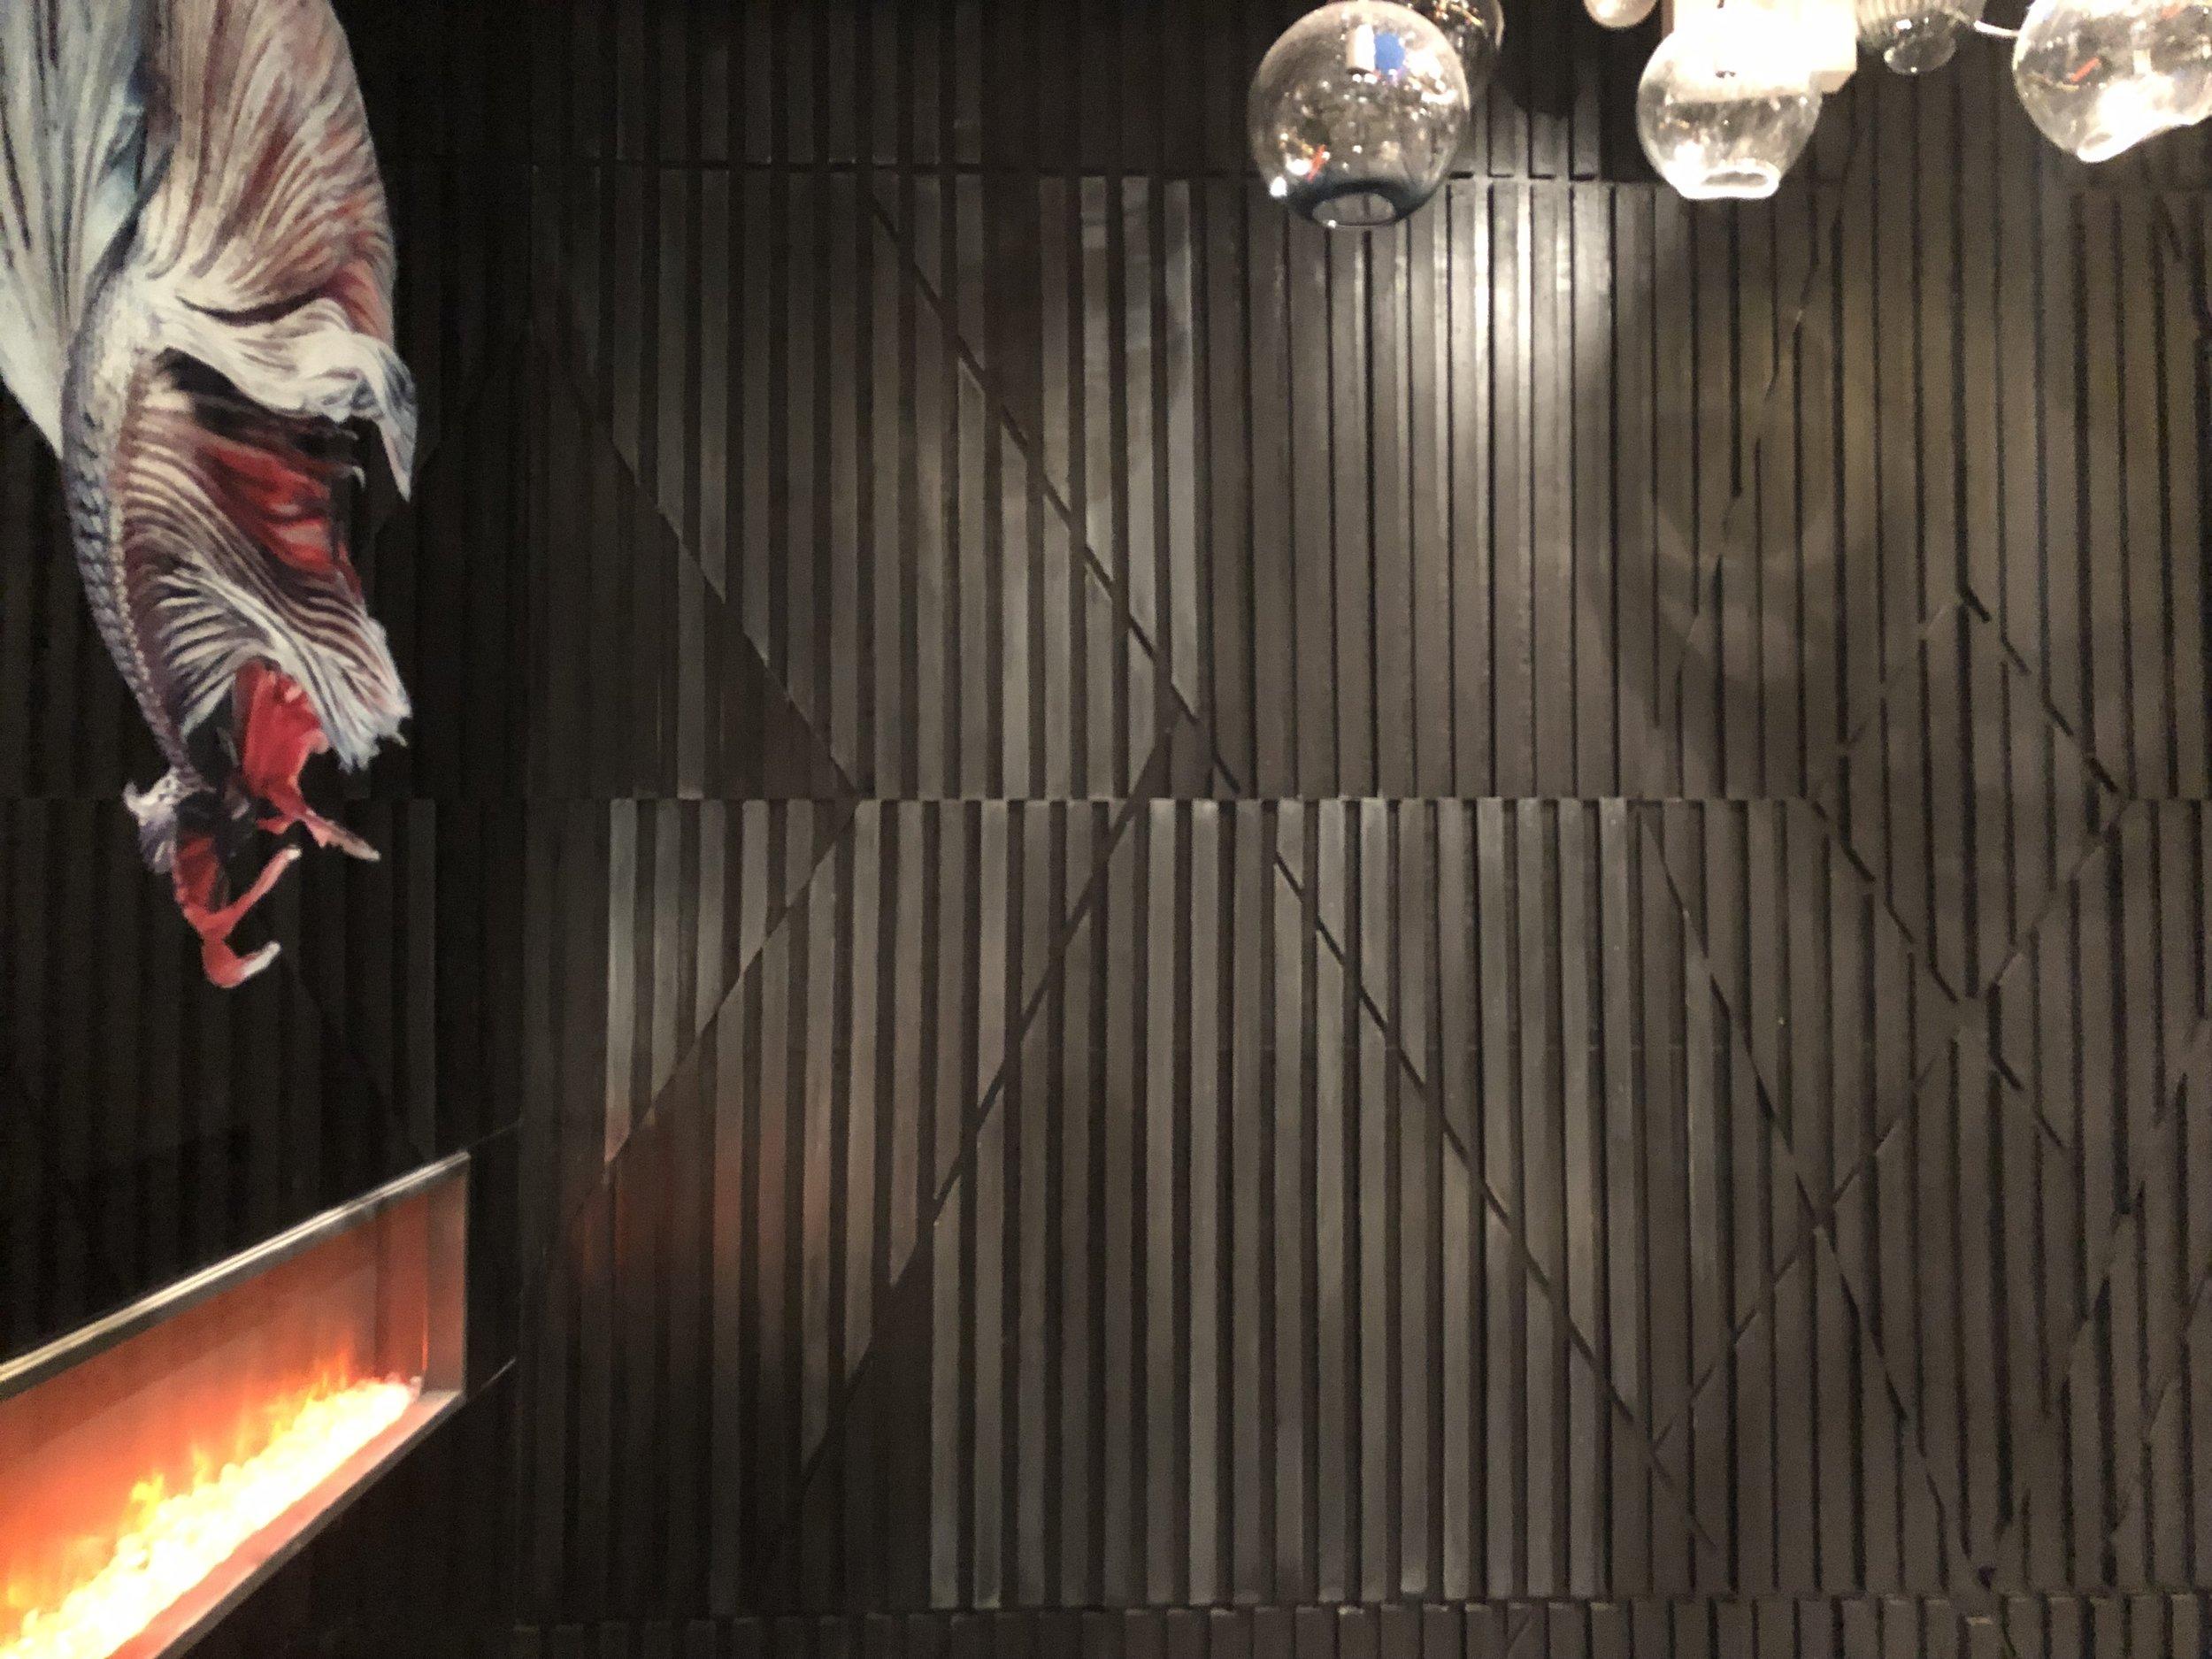 Restaurant Designers In New York City - Joe Ginsberg Design.JPG